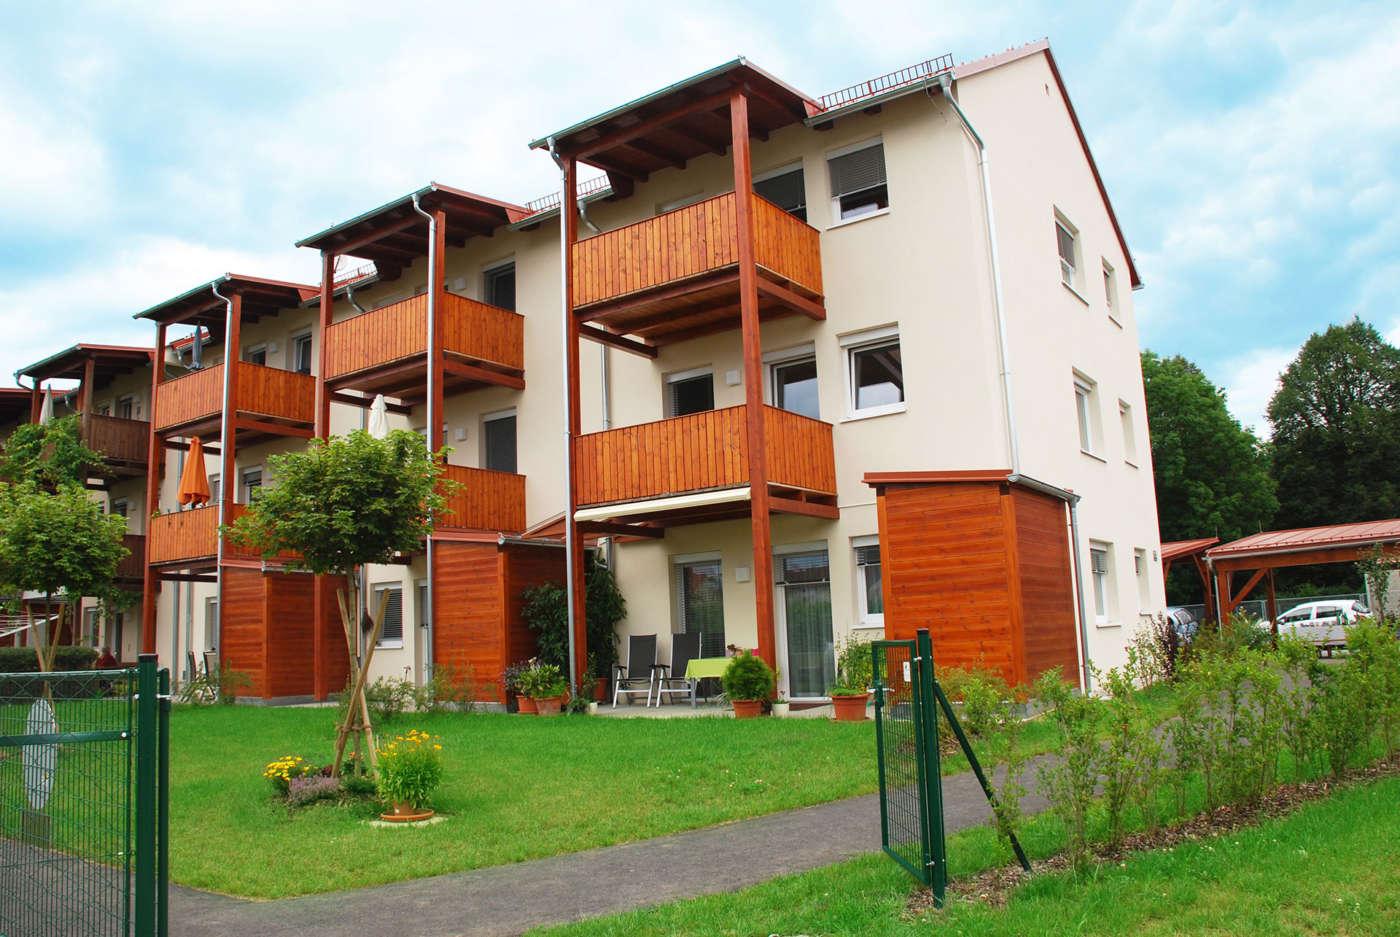 Wohnbau in 8443 Gleinstätten